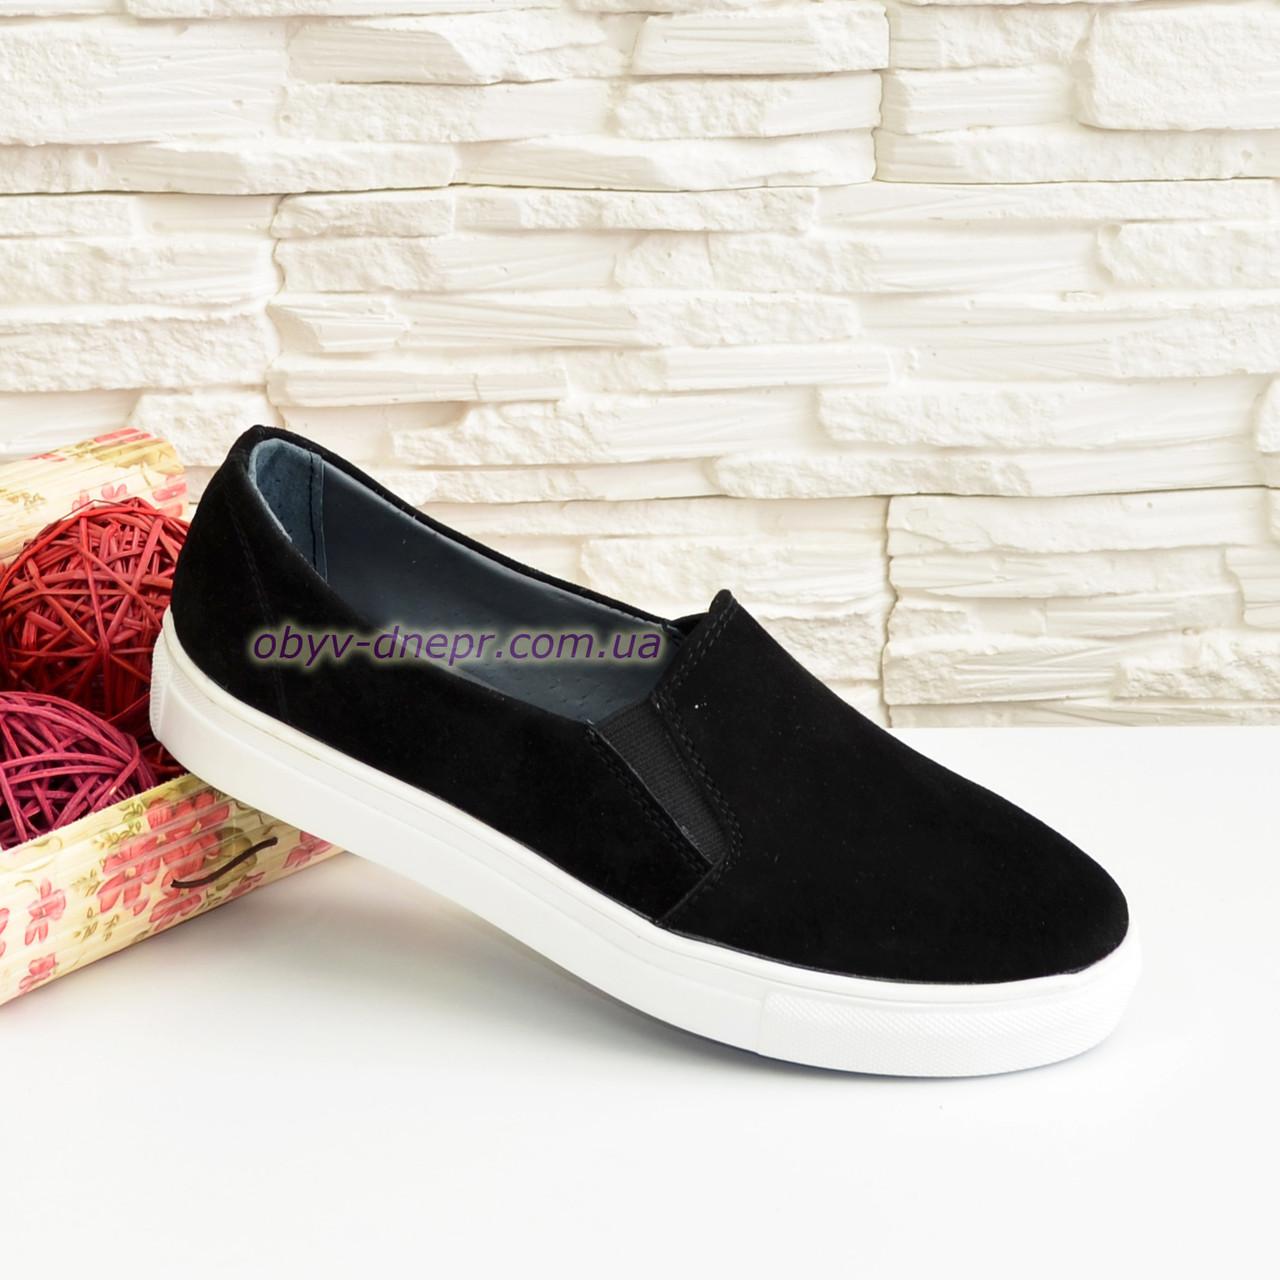 9705a18e9 Туфли-мокасины замшевые черные женские на утолщенной белой подошве -  Интернет-магазин